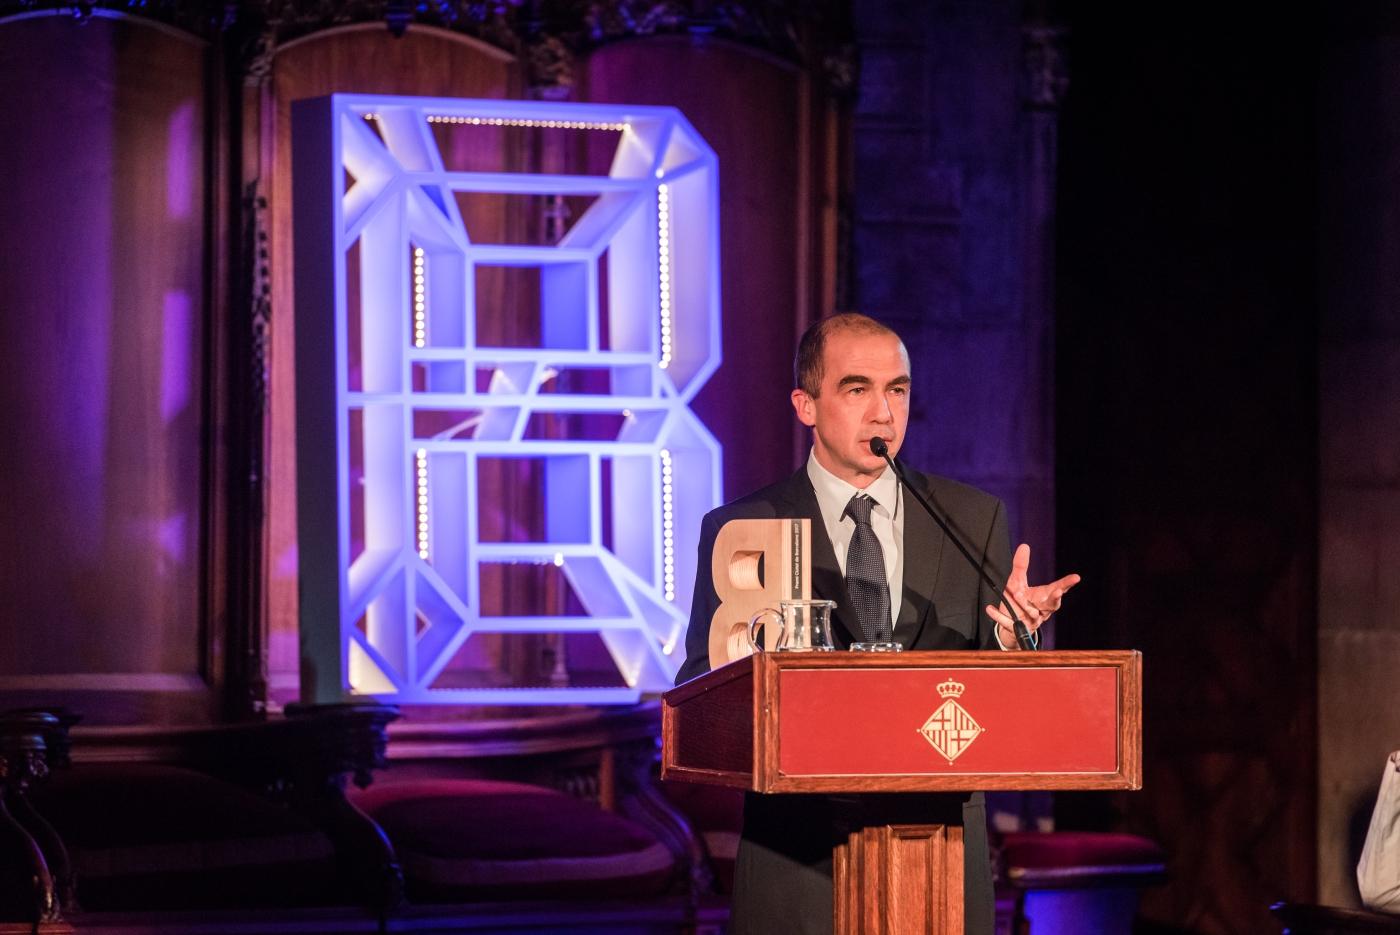 Hugues de Riedmatten - Premi Ciutat de Barcelona de Ciències experimentals i Tecnologia 2017